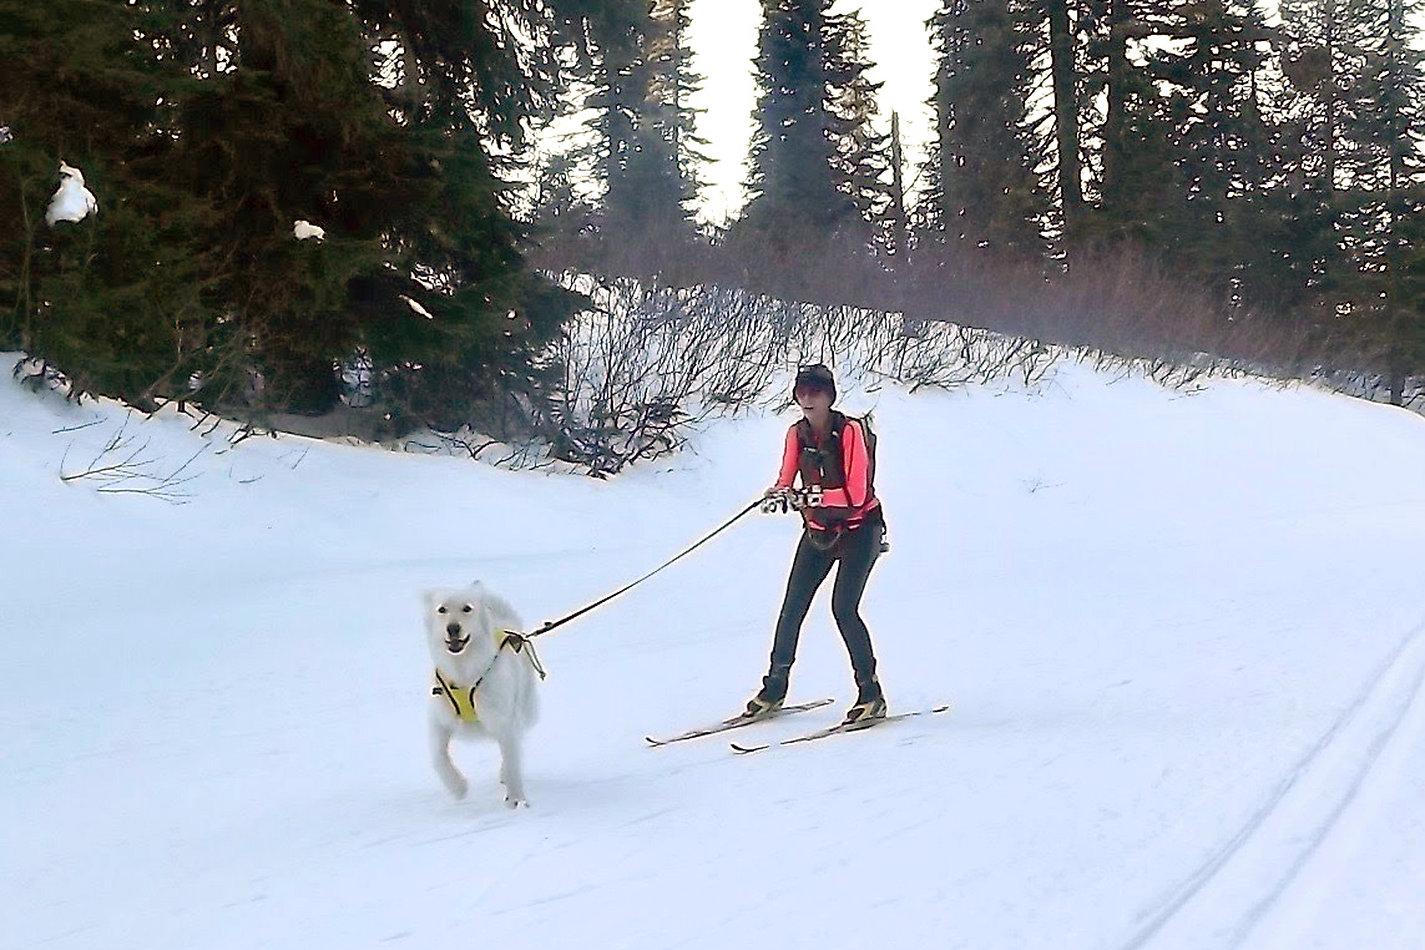 Winterfest 2019-skijorClinic- byMollyWisor 05.jpg